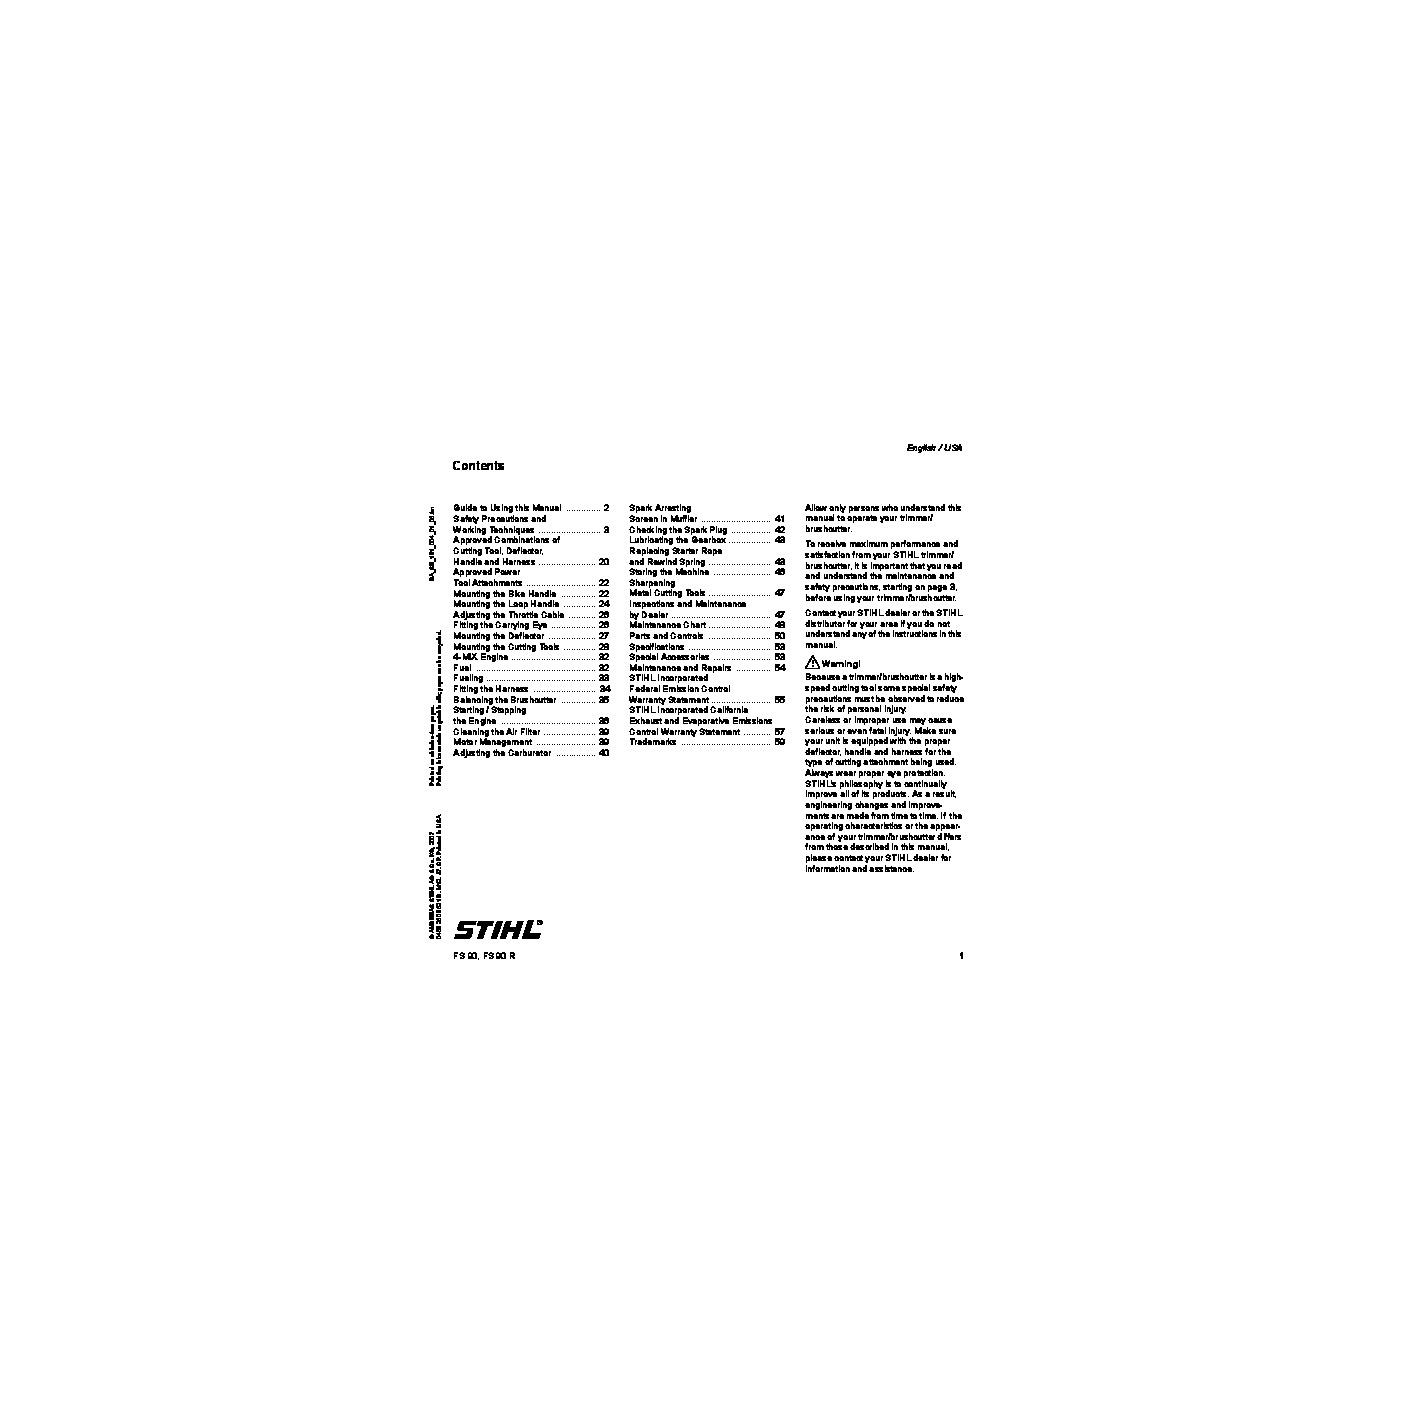 Fs66 Stihl service manual repair Guide